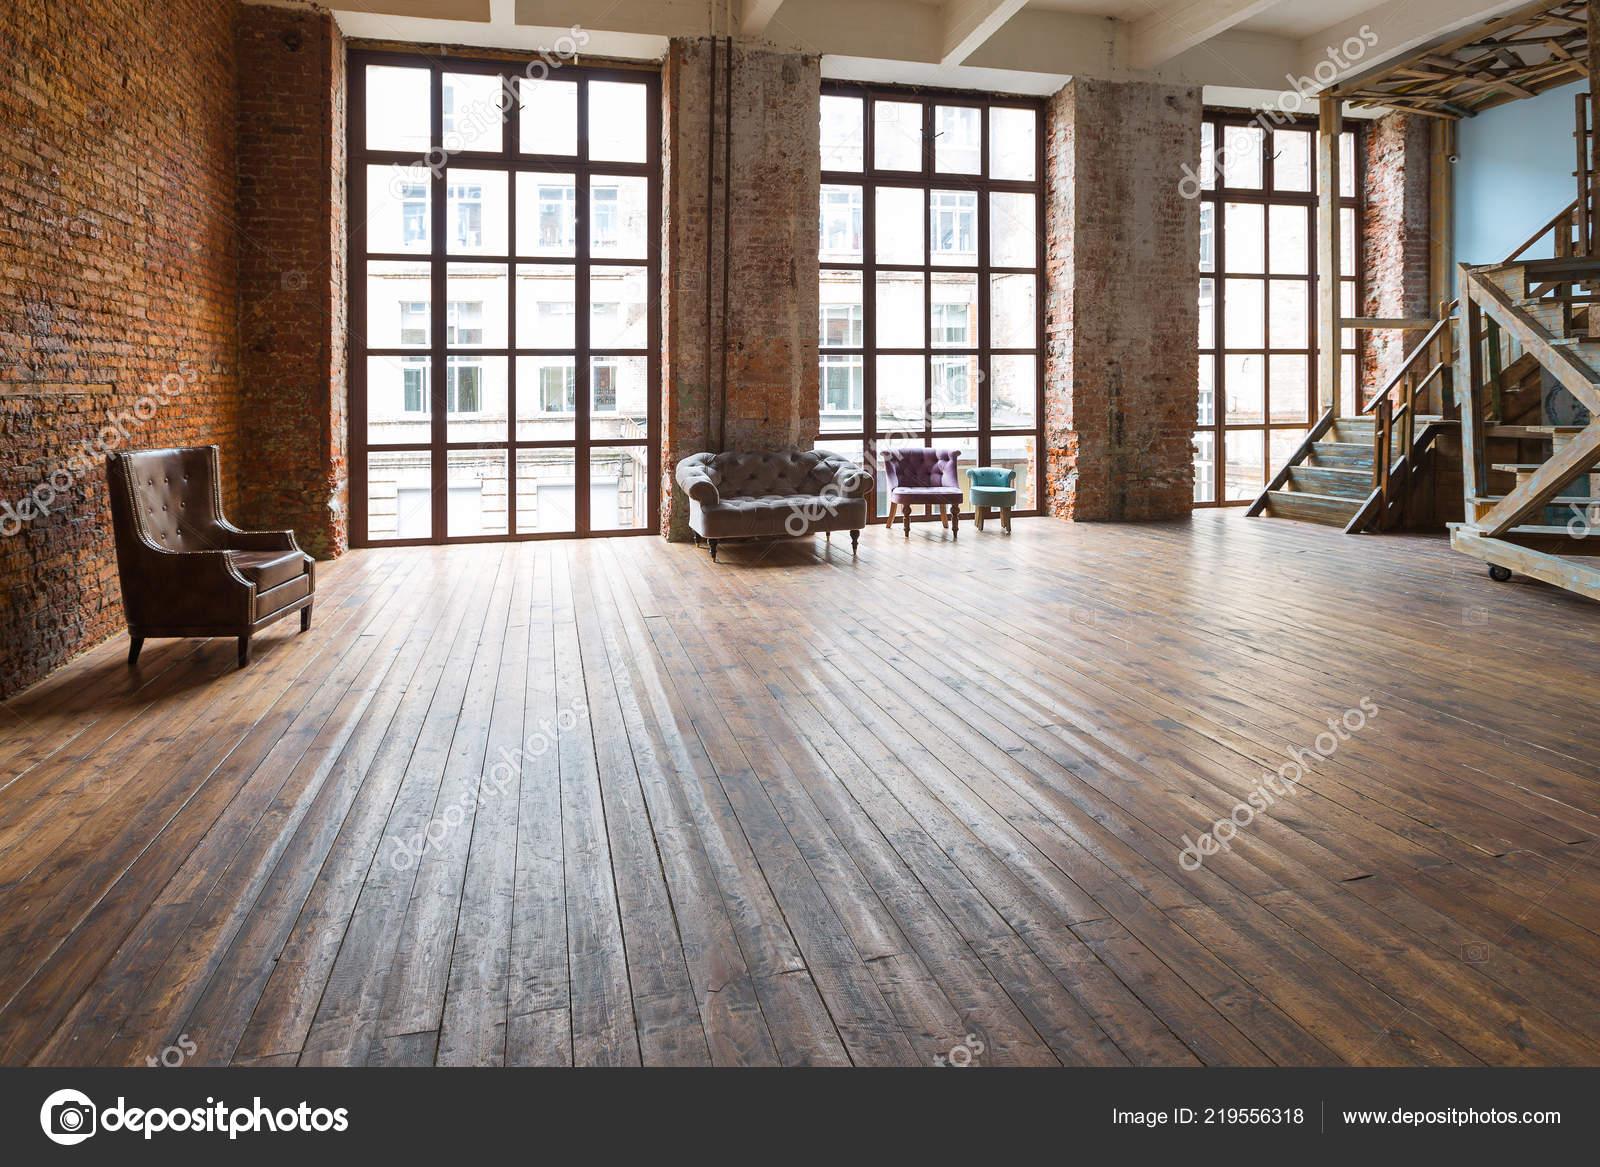 Interior design lusso elegante salotto con mobili legno u2014 foto stock